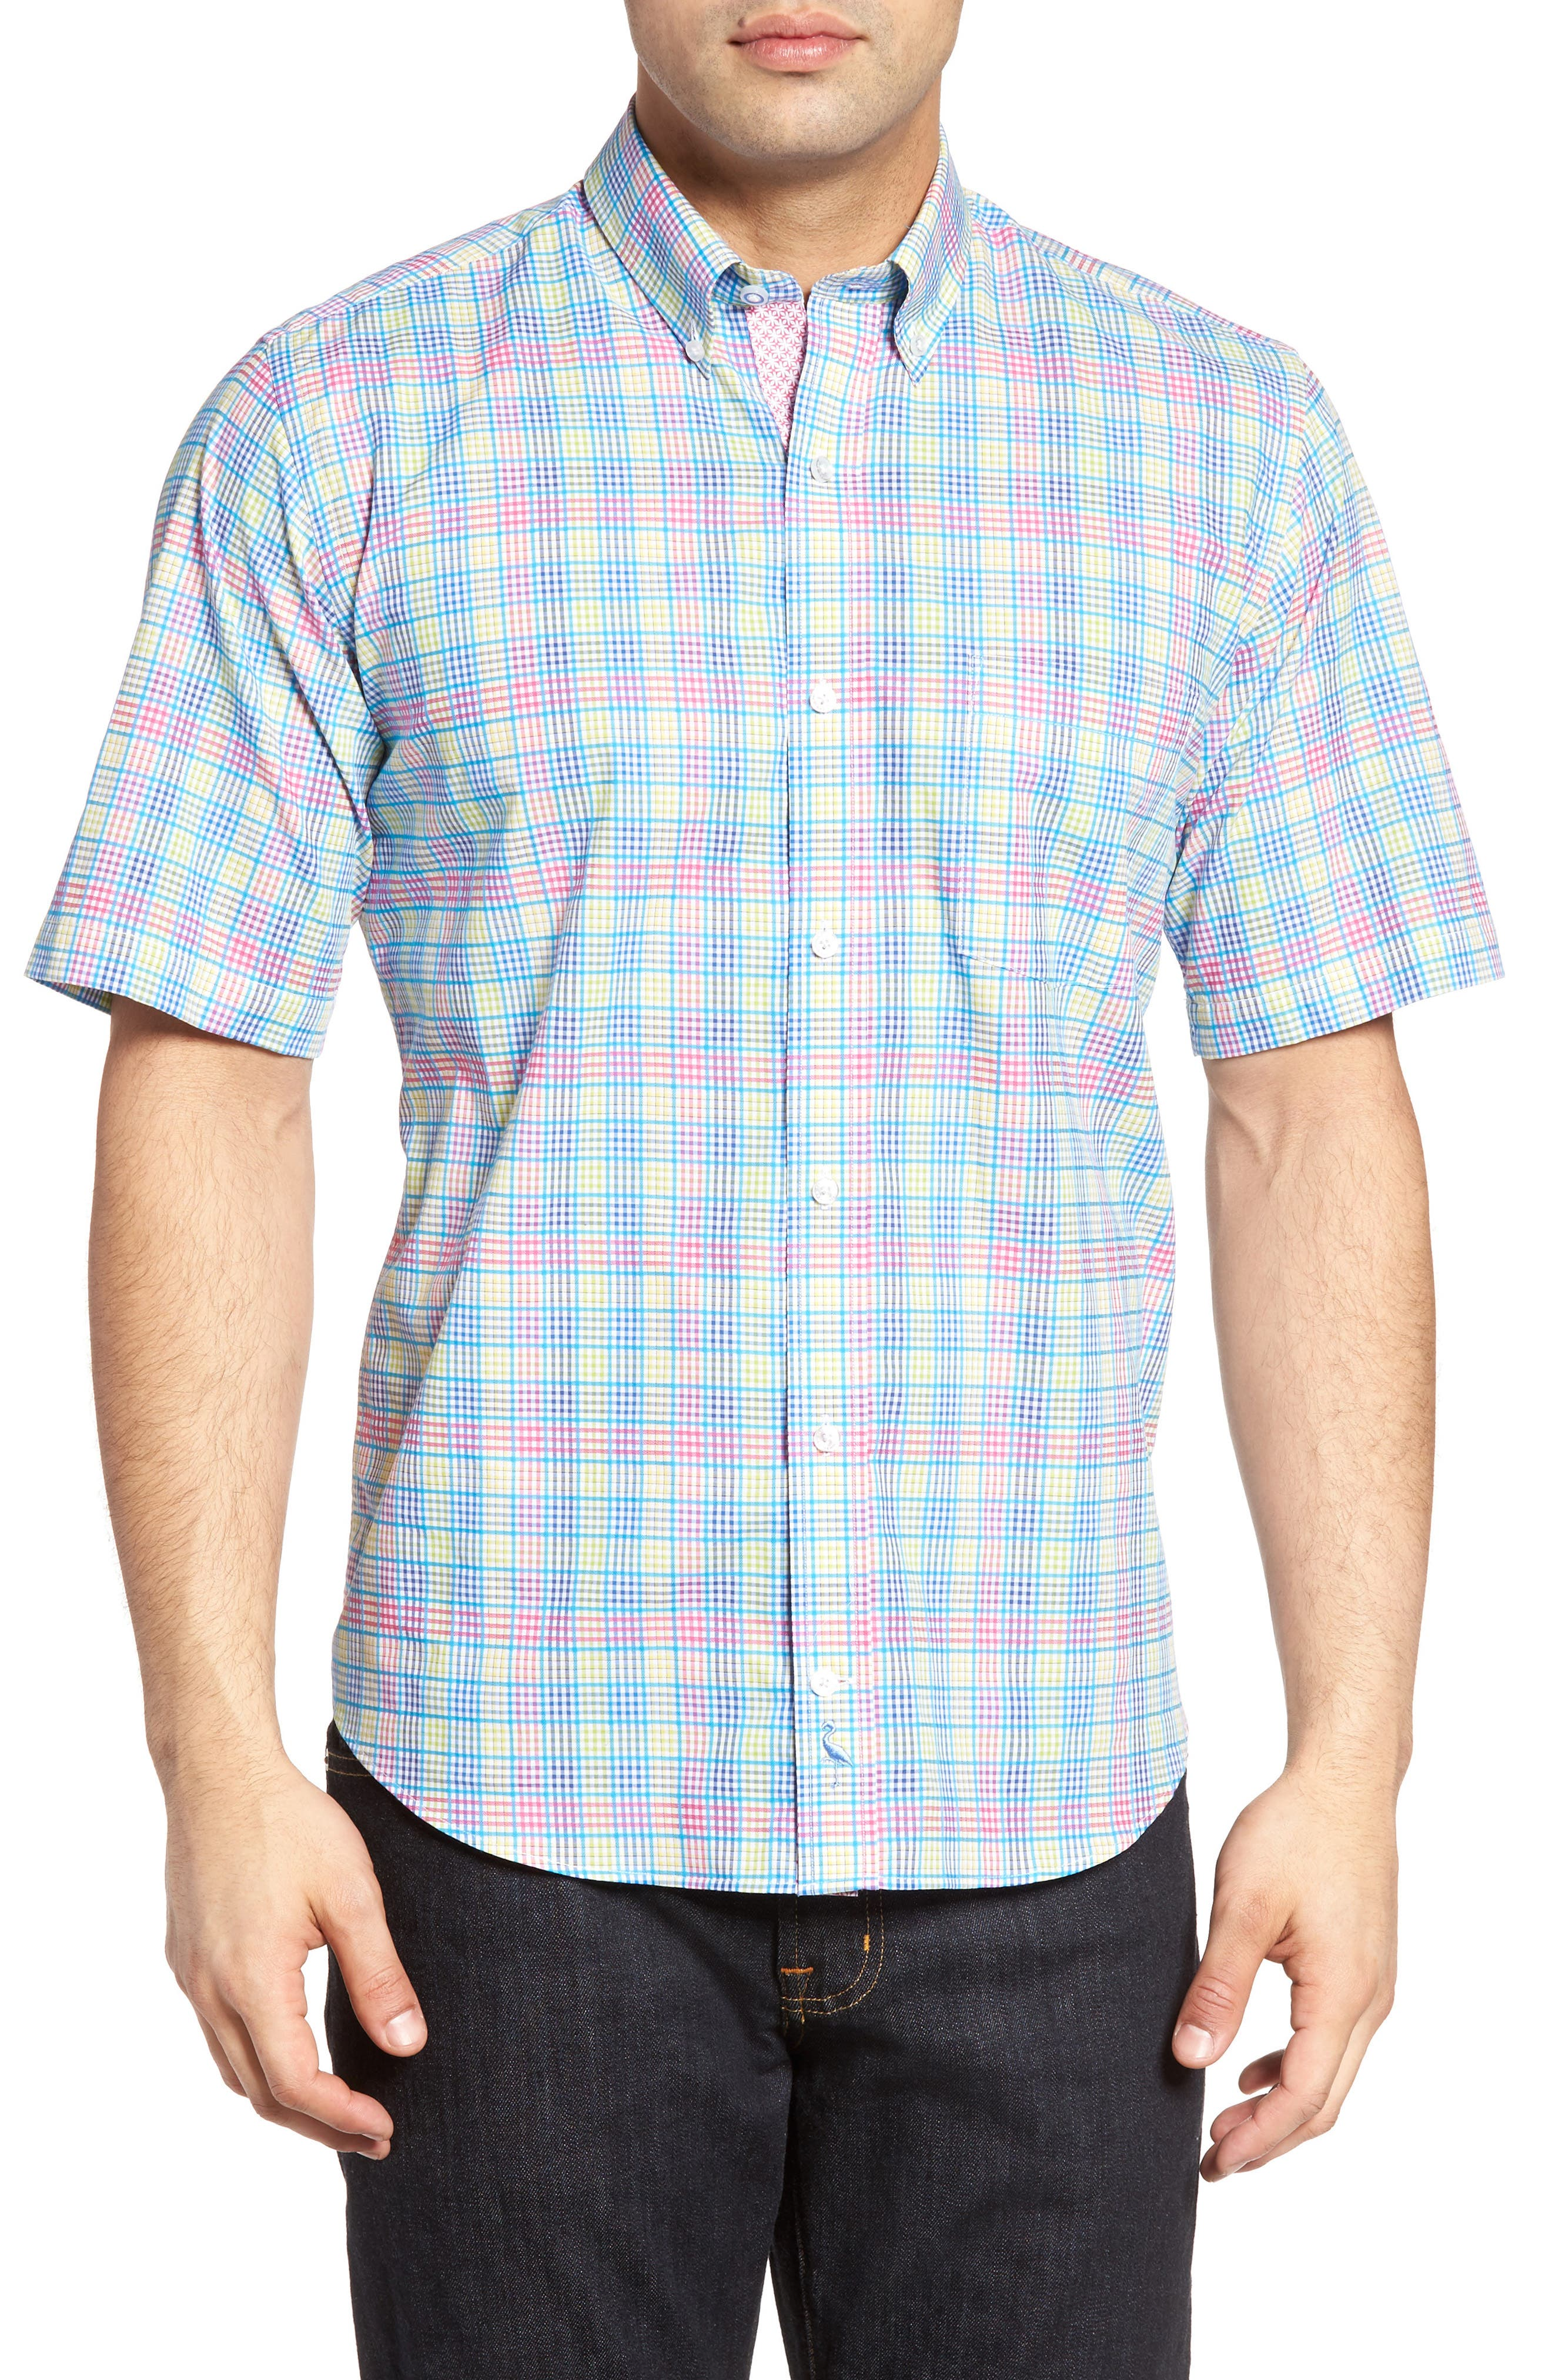 Lemon Plaid Sport Shirt,                         Main,                         color, Blue/ Lime